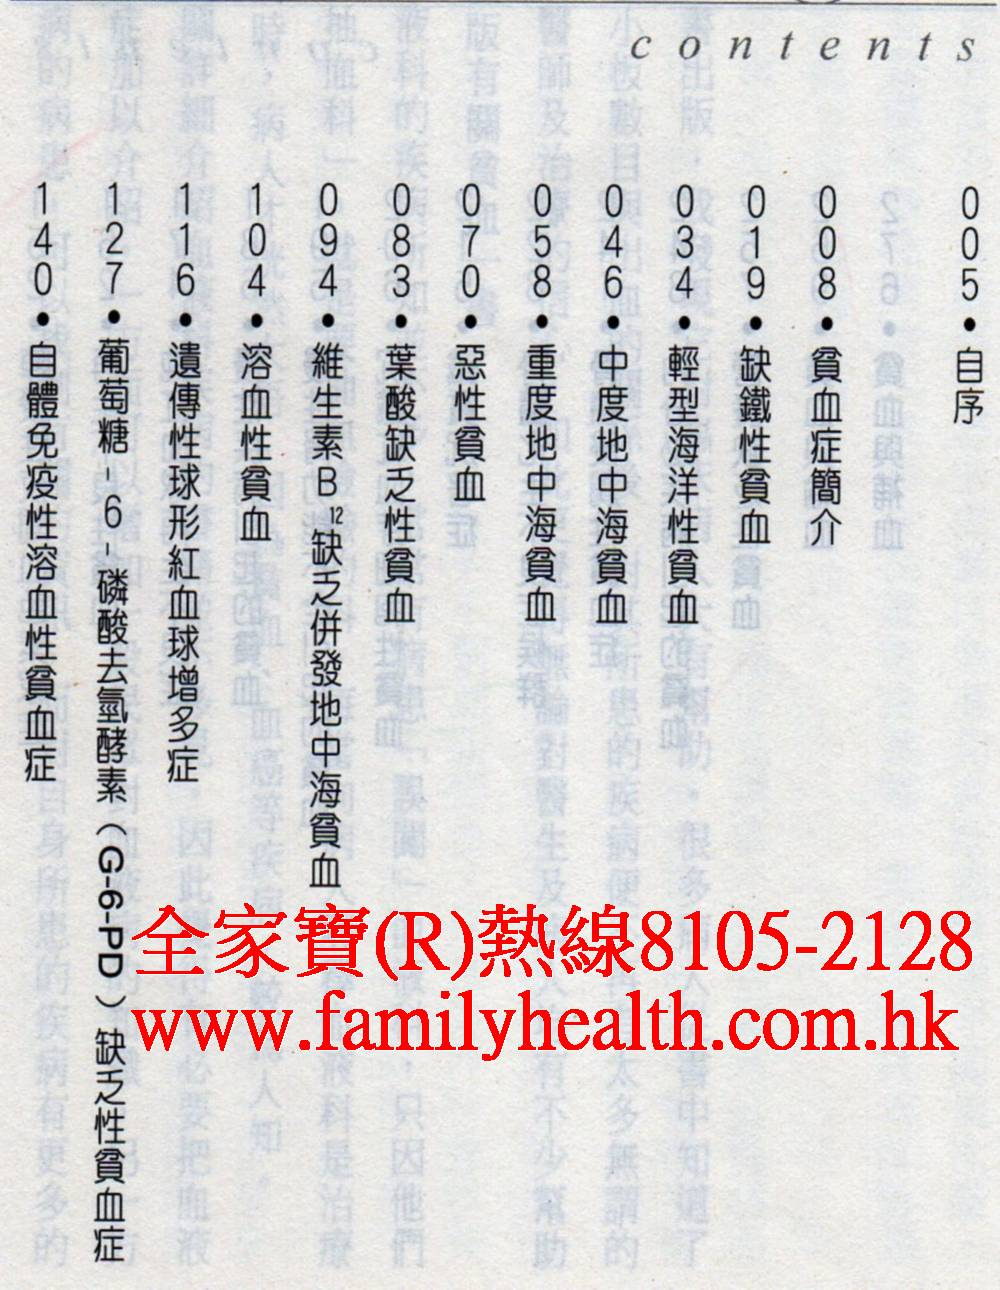 http://www.familyhealth.com.hk/files/full/458_1.jpg